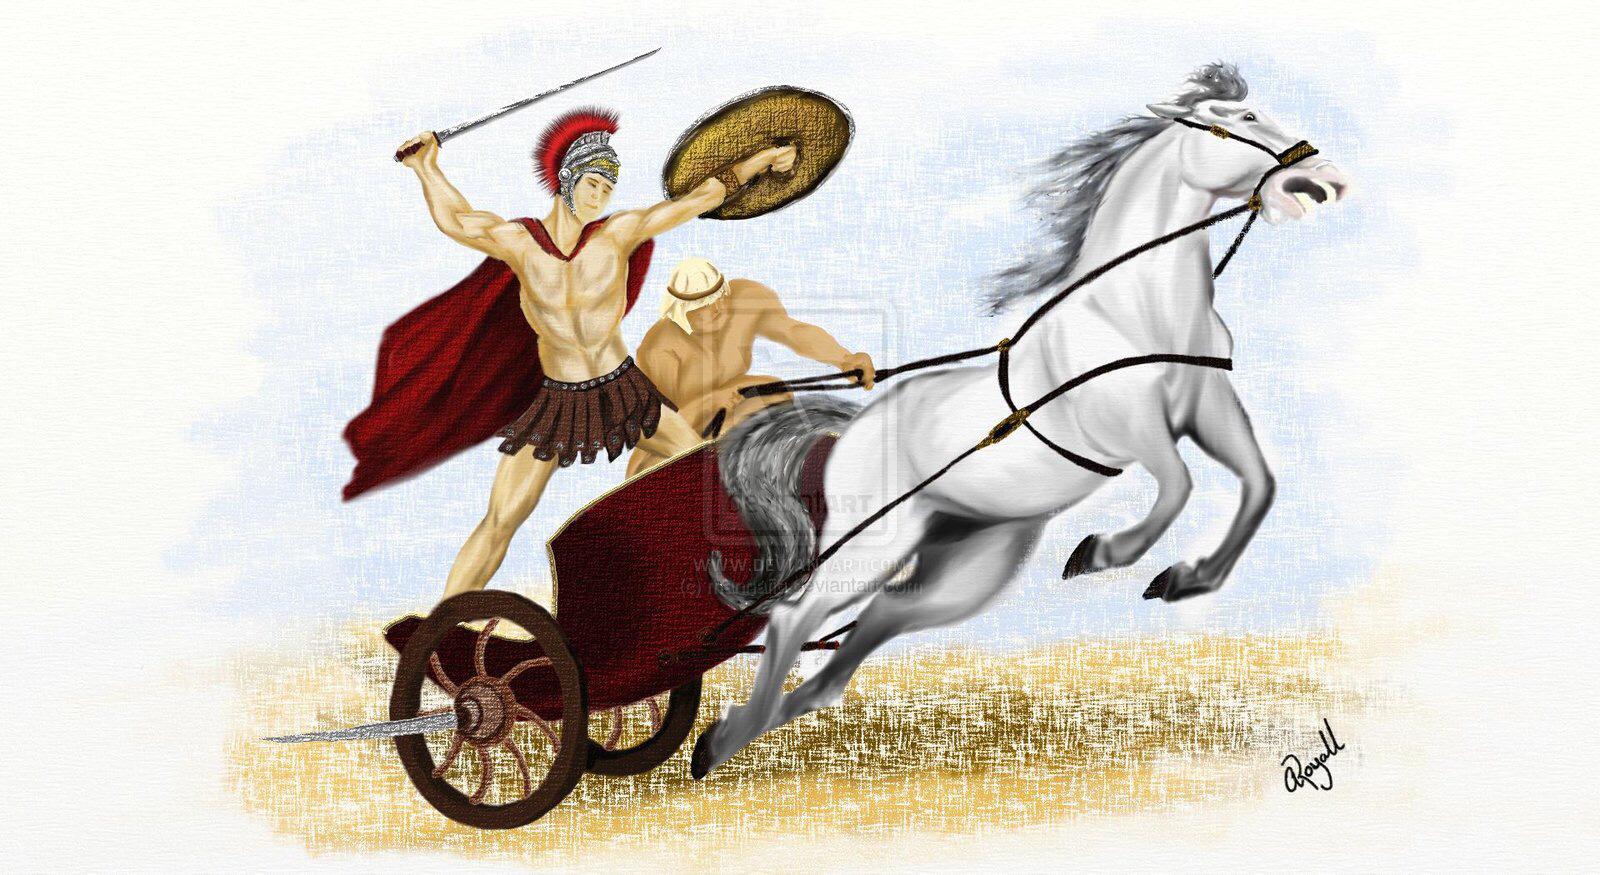 Картинка колесница с конями